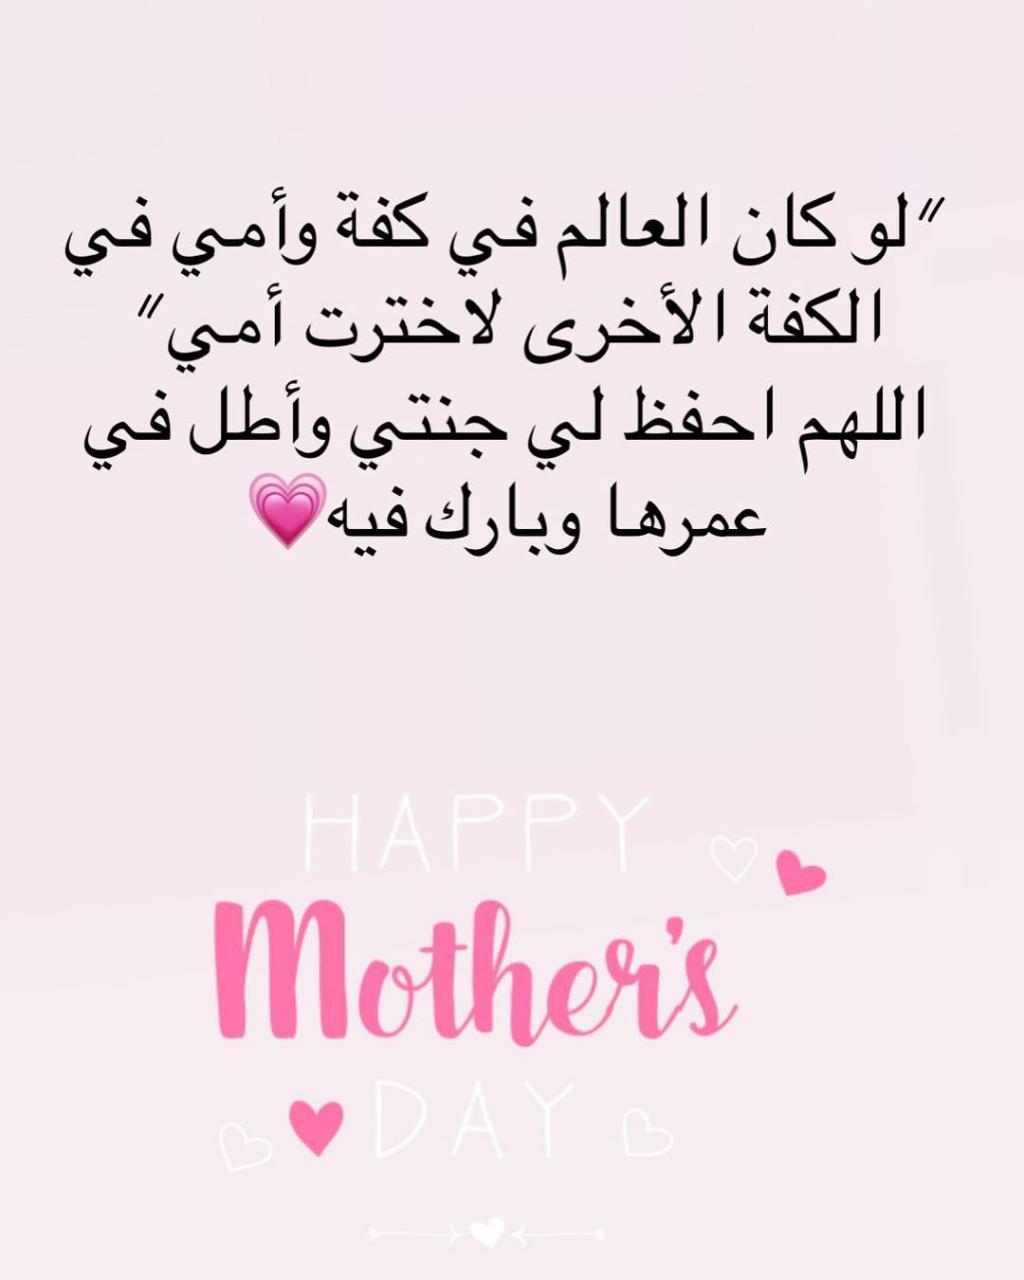 صورة كلمات جميلة عن الام , اجمل كلمه لامى حبيبتى